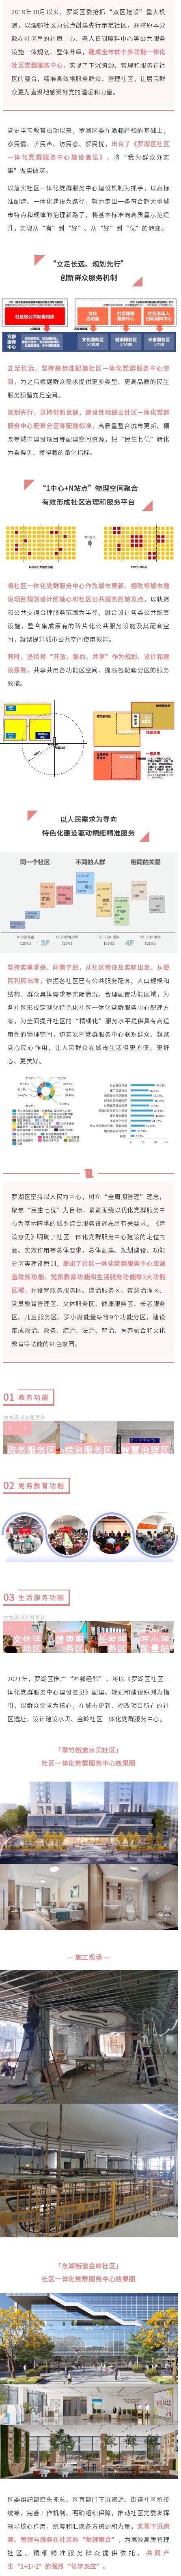 广州拟建设医养结合综合服务中心